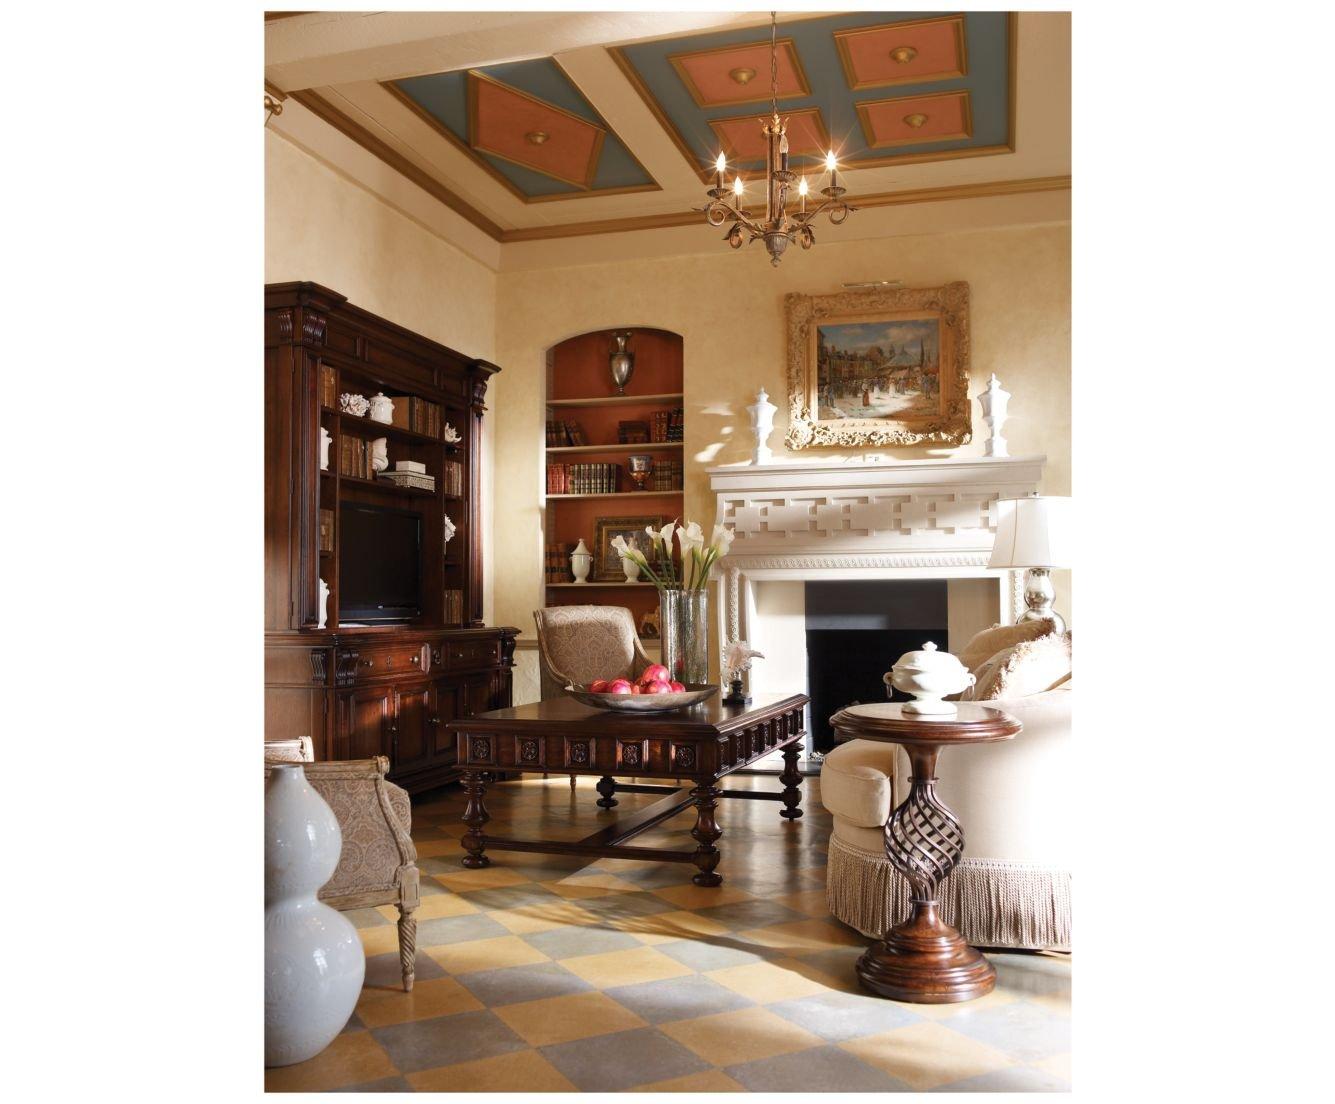 Amazon.com: Stanley Furniture Costa Del Sol Sottotesto Passage Table In  Cordova: Home Improvement